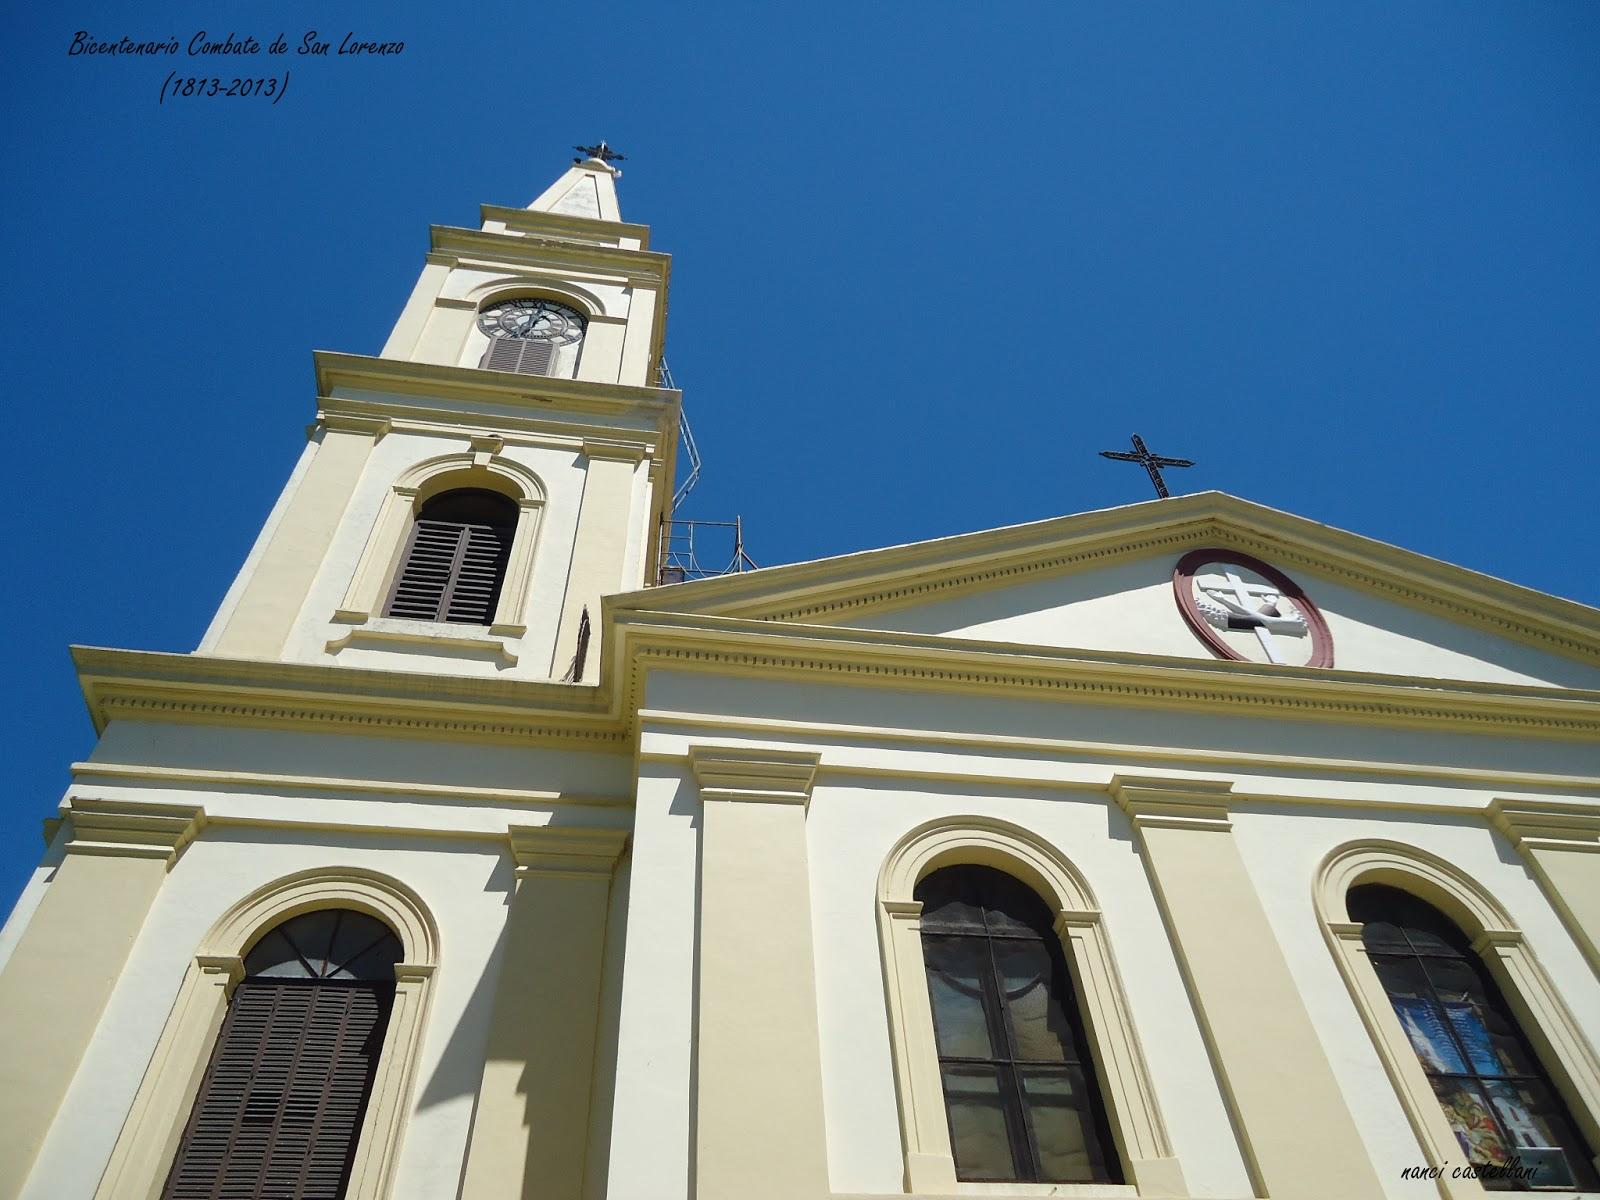 San Lorenzo Santa Fe - San Carlos Borromeo